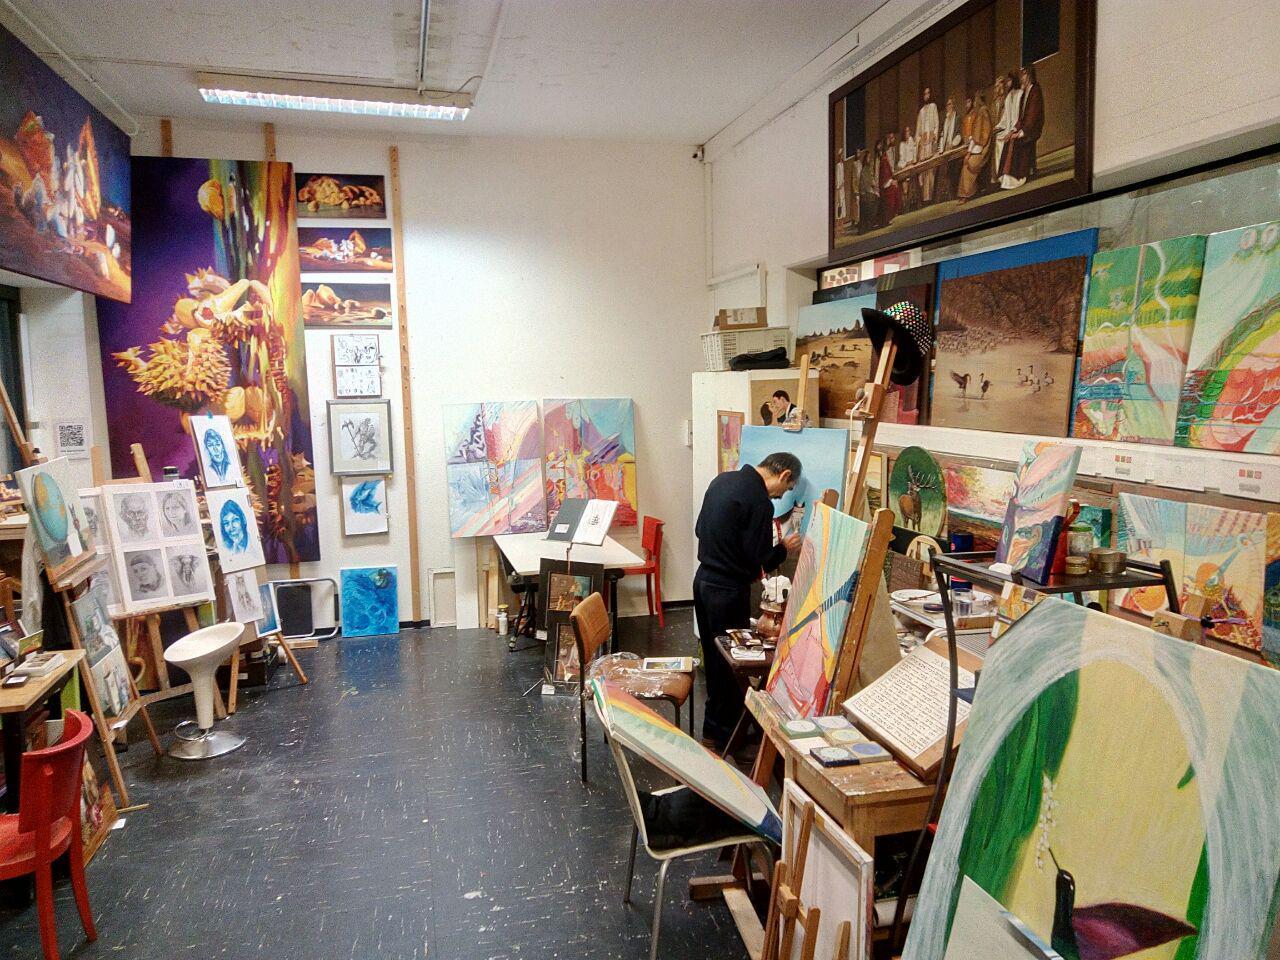 Maler @ work